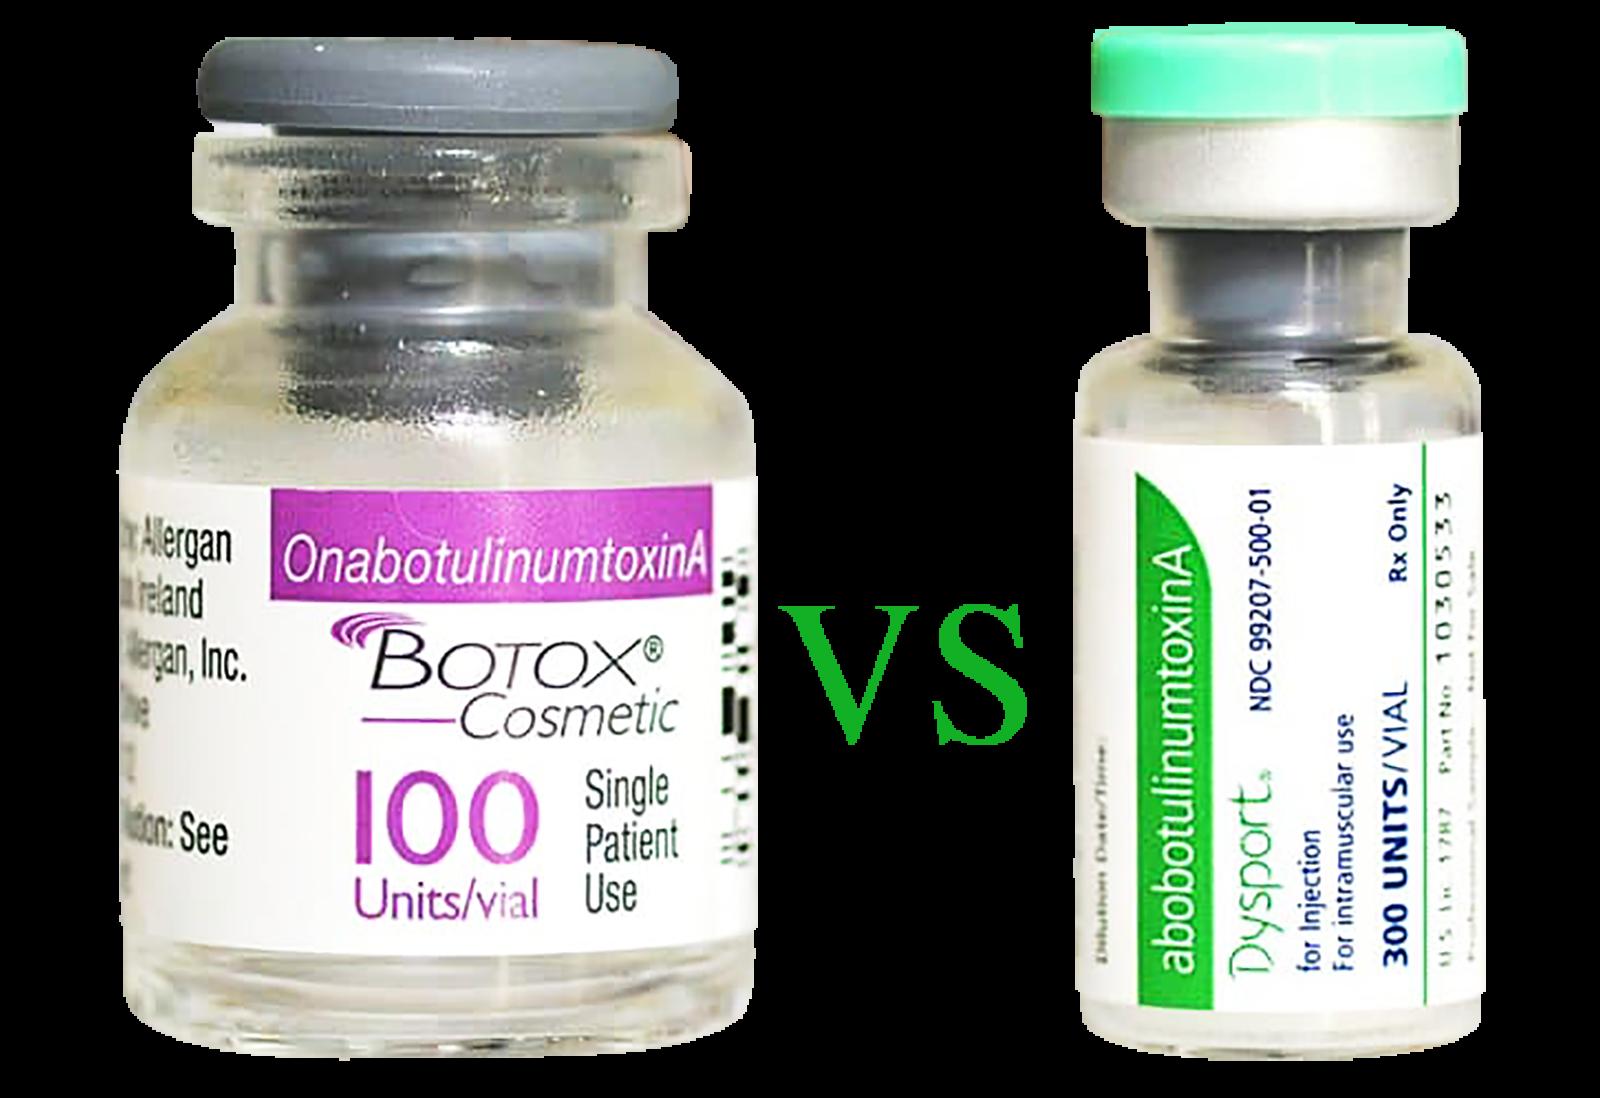 BOTOX® vs Dysport®